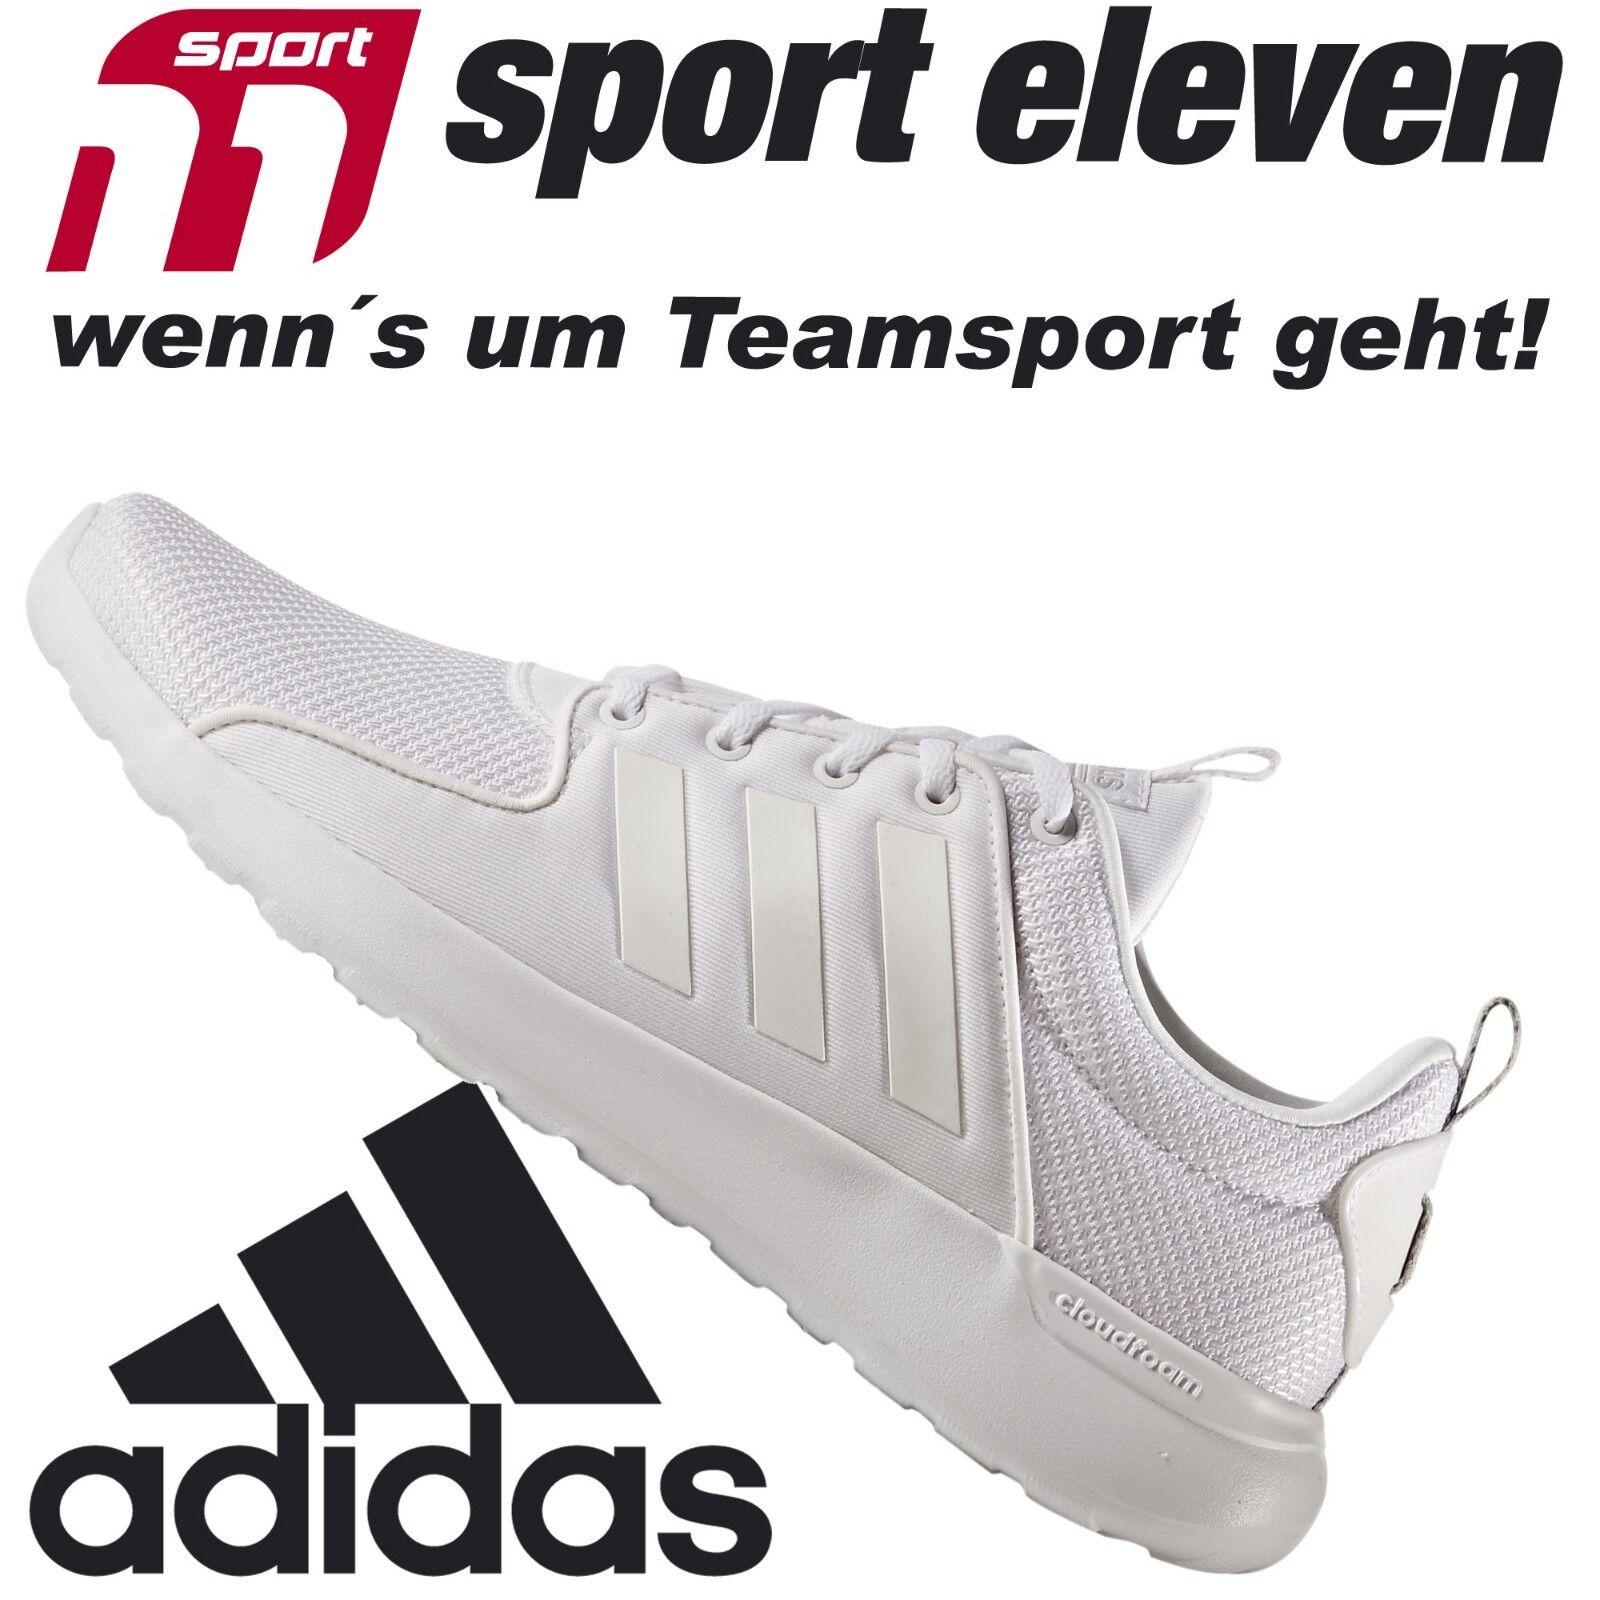 adidas Freizeitschuhe Cloudfoam Lite Racer Herren weiß - AW4262